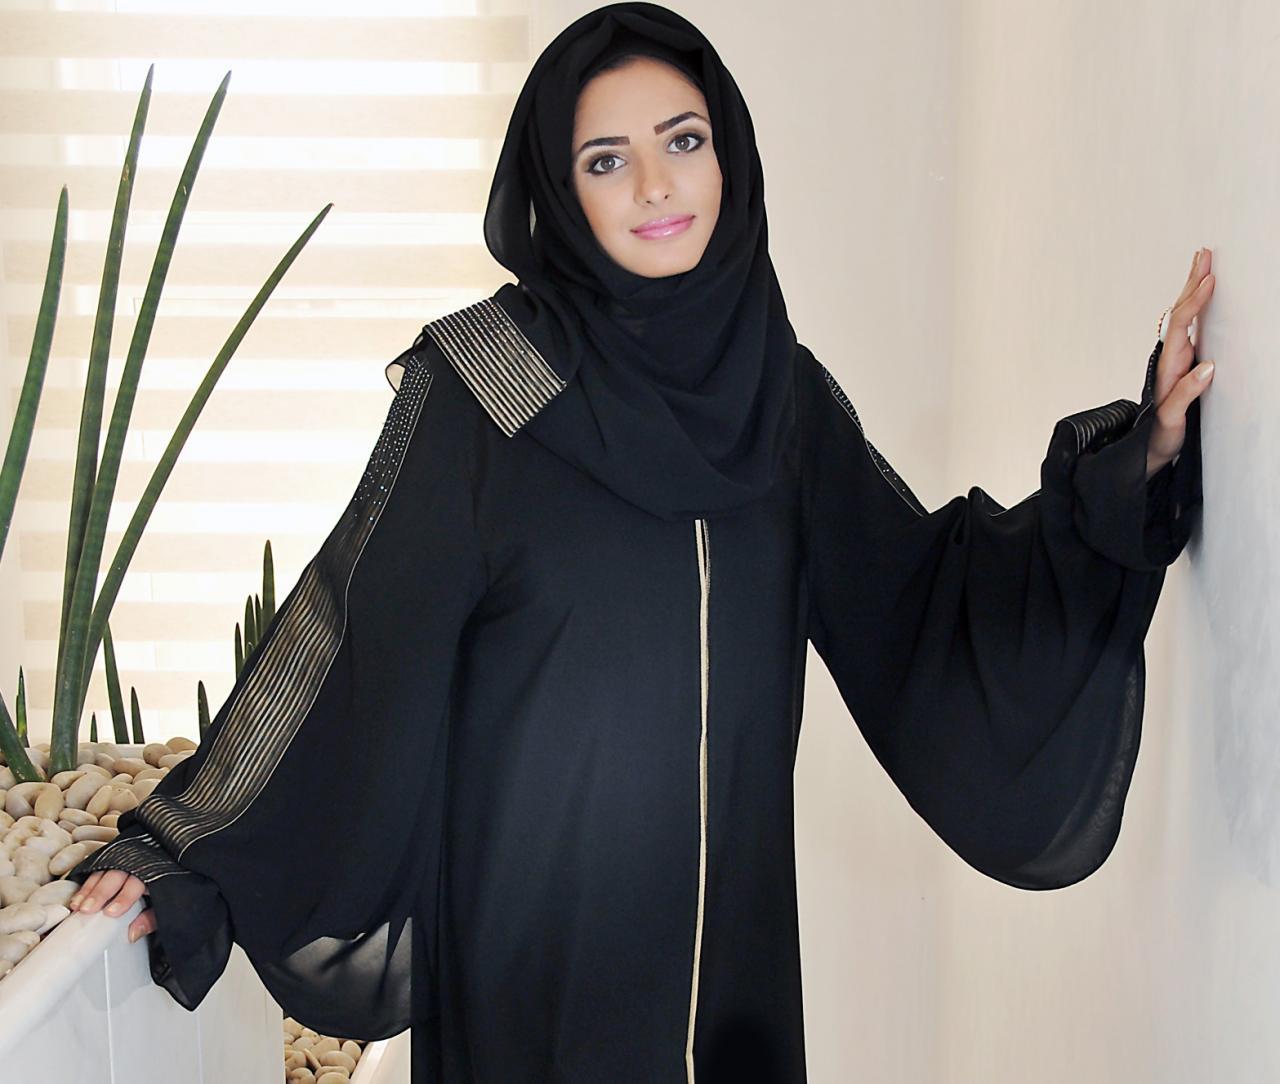 صورة بنات كويتيات , كيف جمعت بنات الكويت بين جمال الشكل والروح ؟ 2443 2